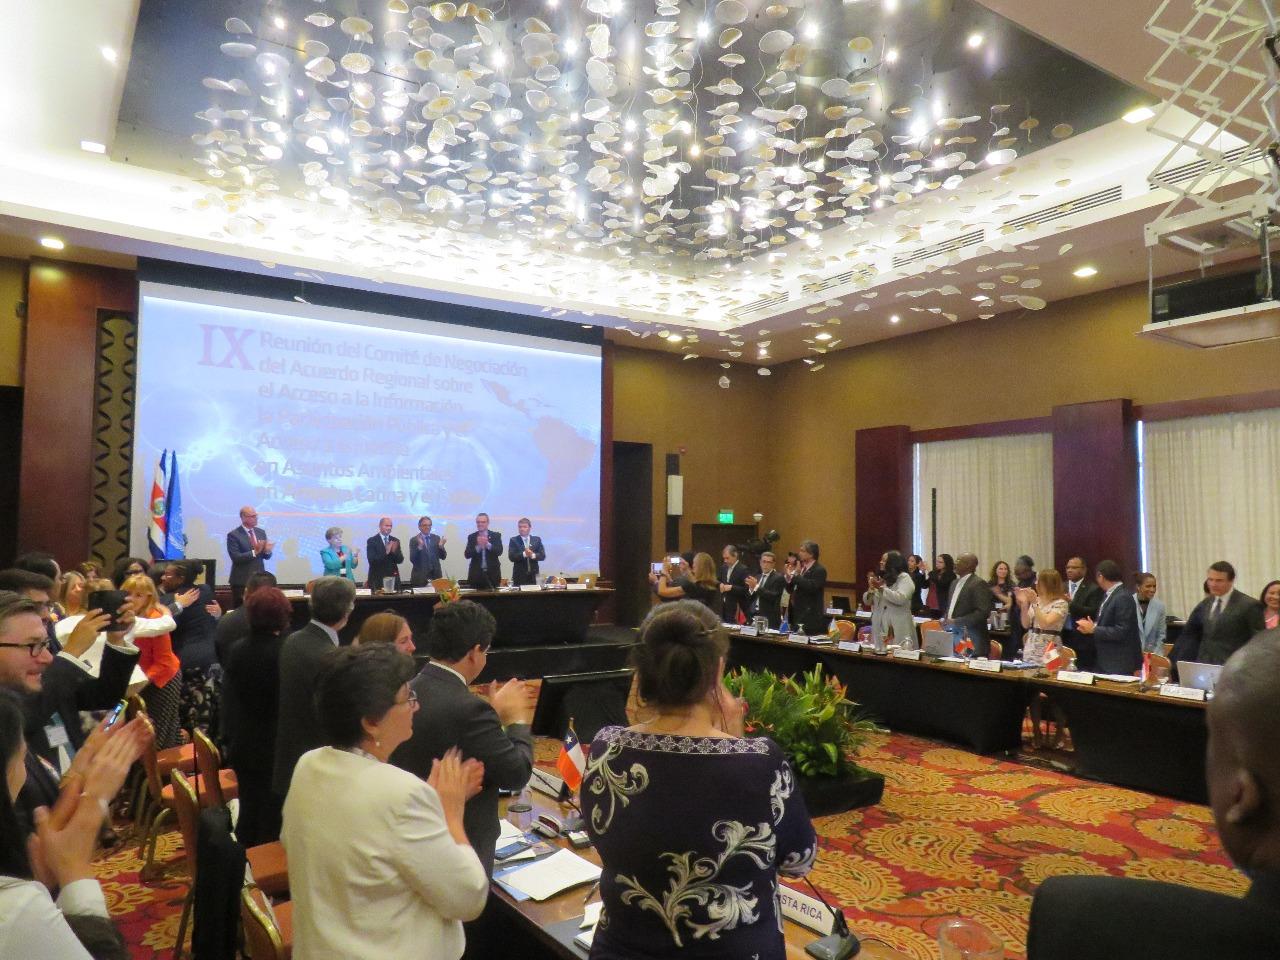 El denominado Principio 10 reunió a 24 representantes de países de Latinoamérica y El Caribe en Costa Rica. Foto: DAR